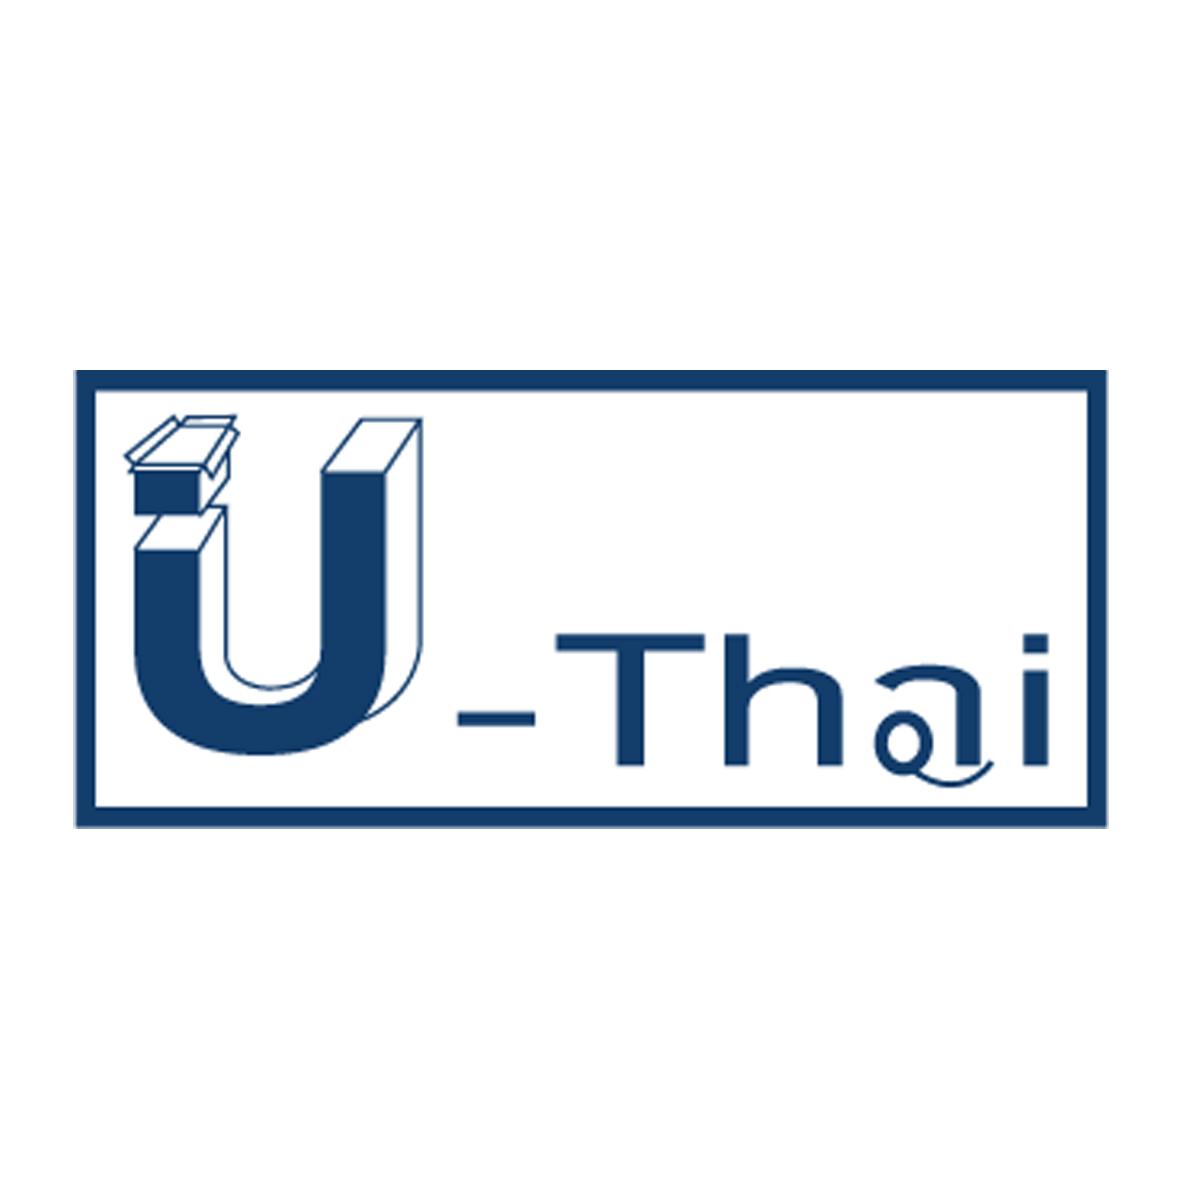 Uthai